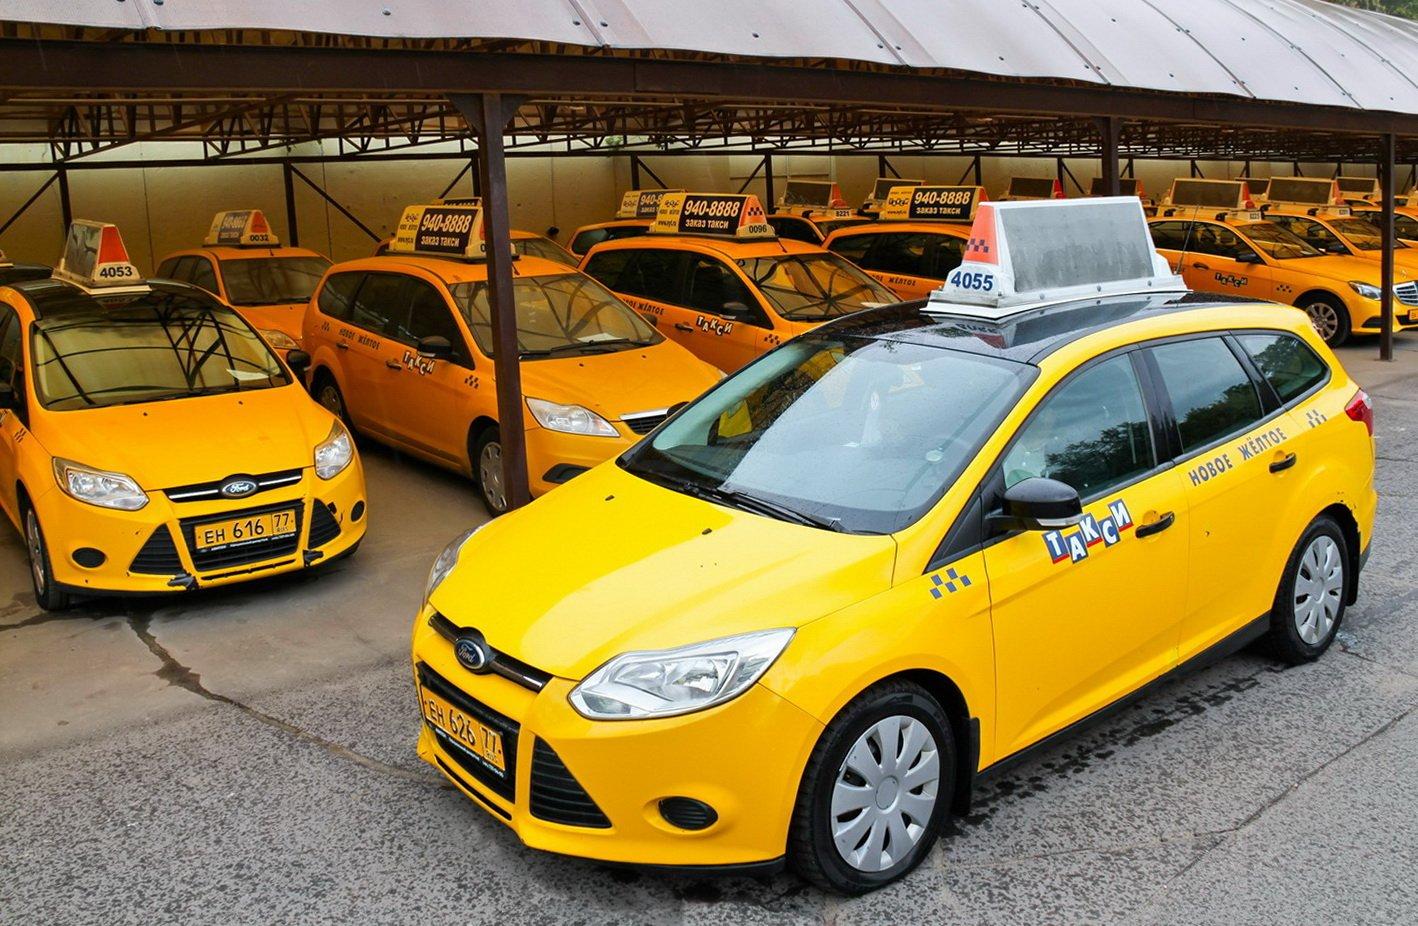 Названы 5 самых известных моделей такси в РФ